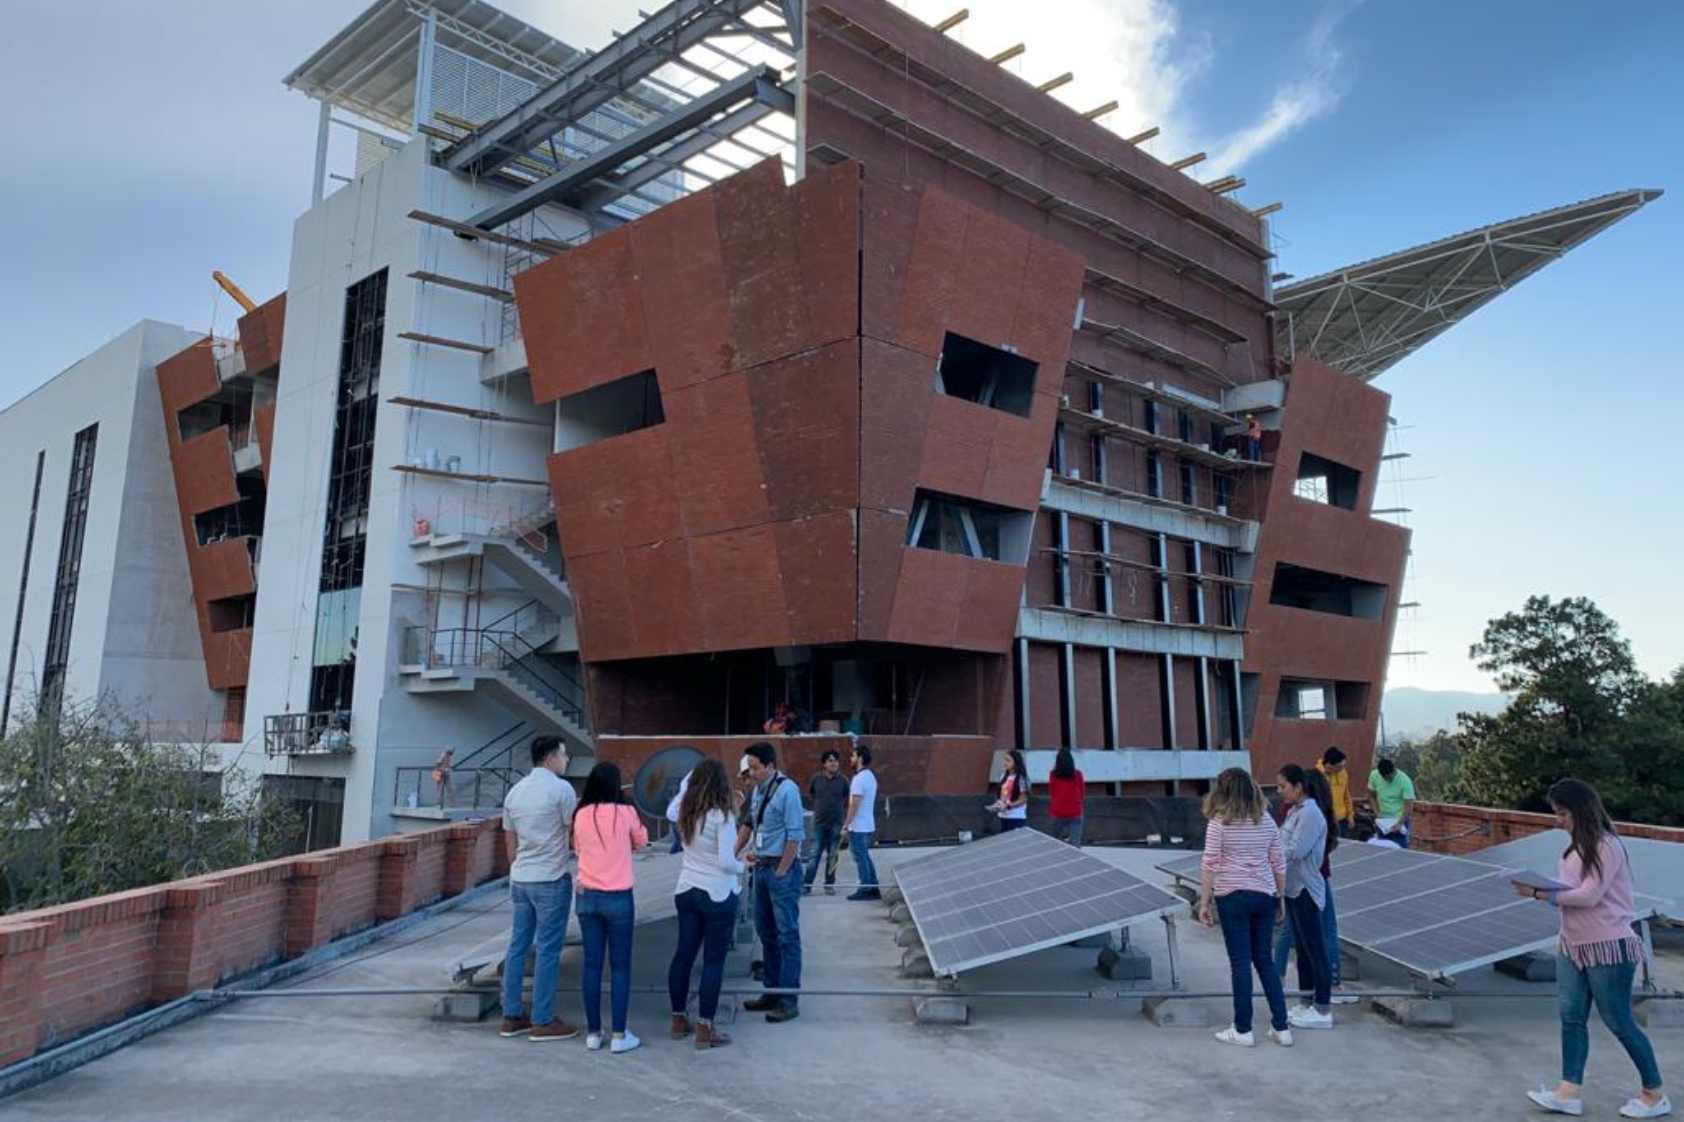 La eficiencia energética atrae el interés de estudiantes de Ingeniería Civil